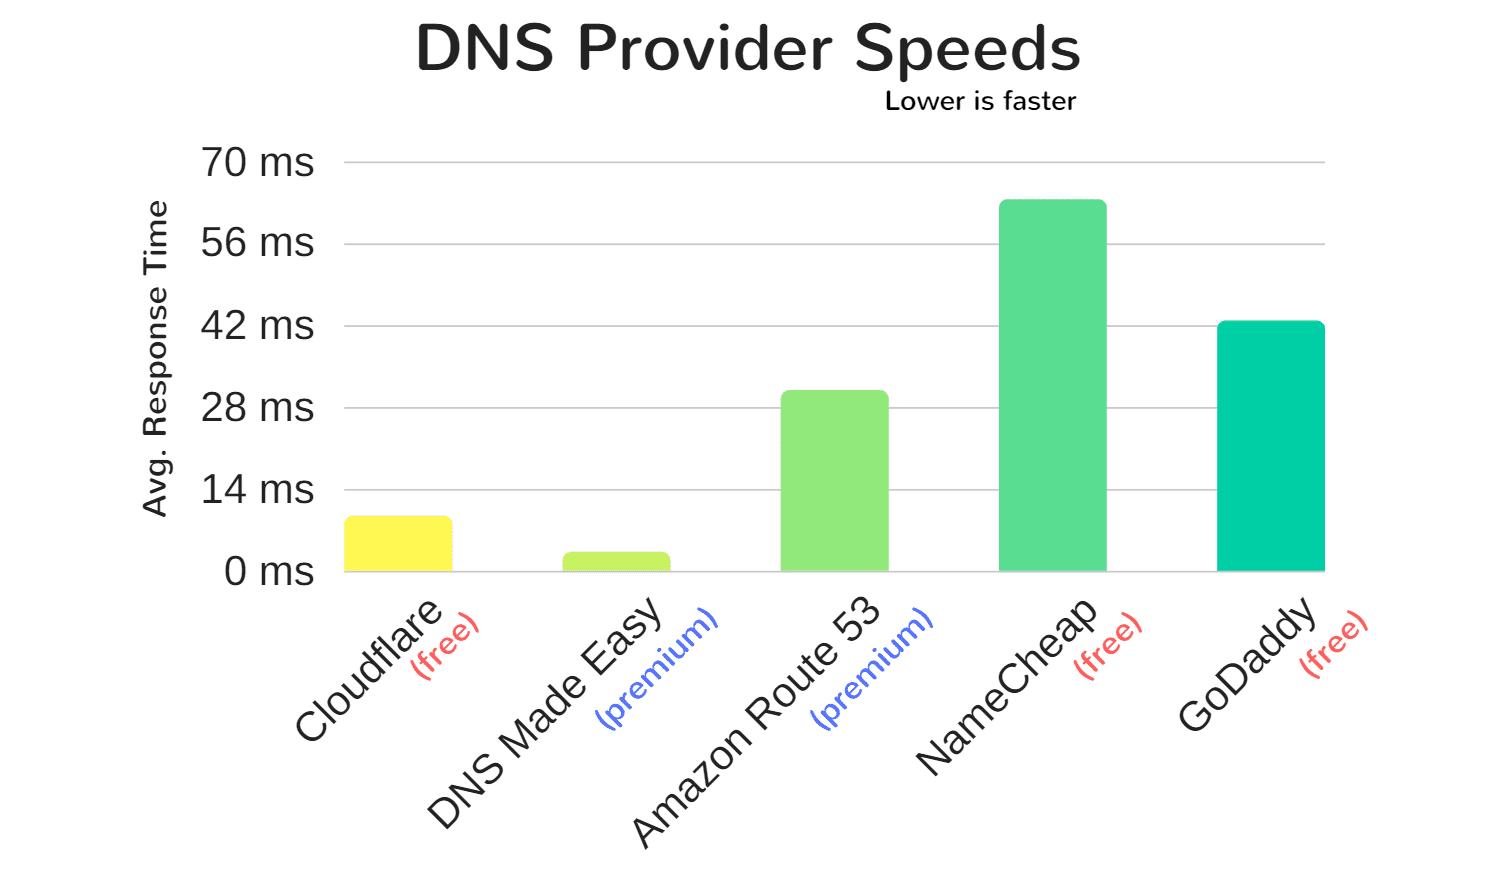 Vitesses des fournisseurs DNS